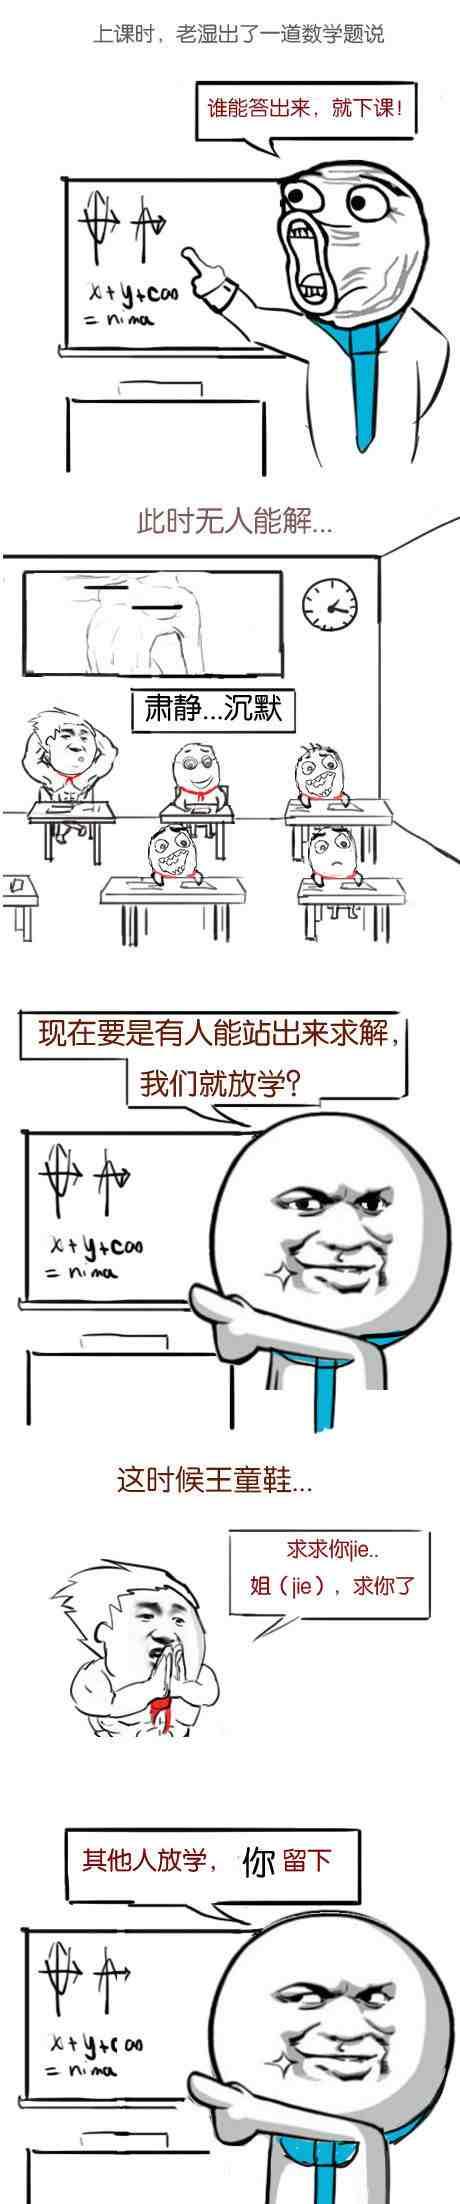 老师言而无信,怎么这样呢?